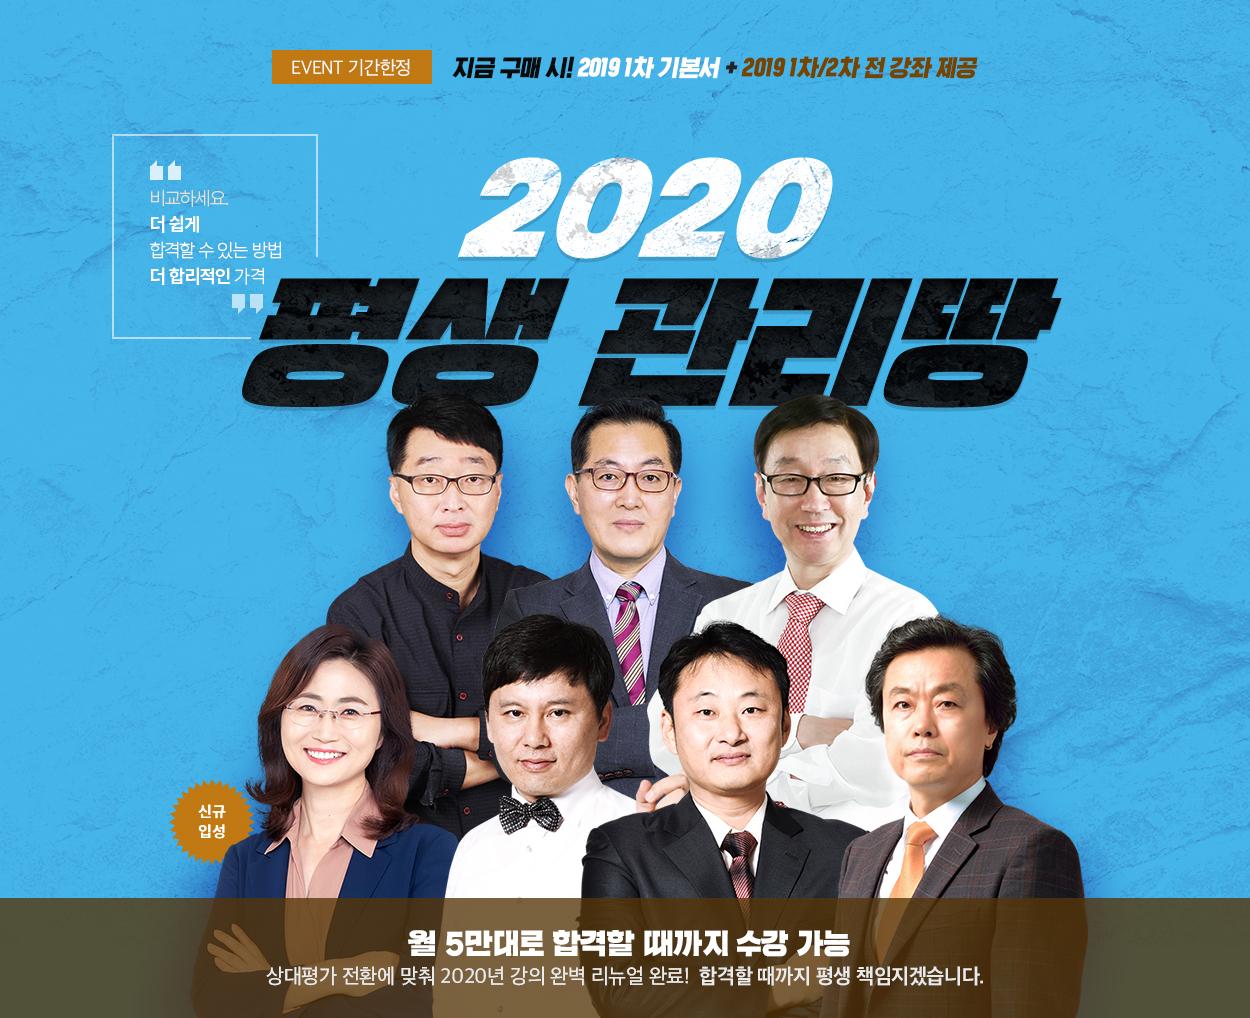 2020 1년 관리땅